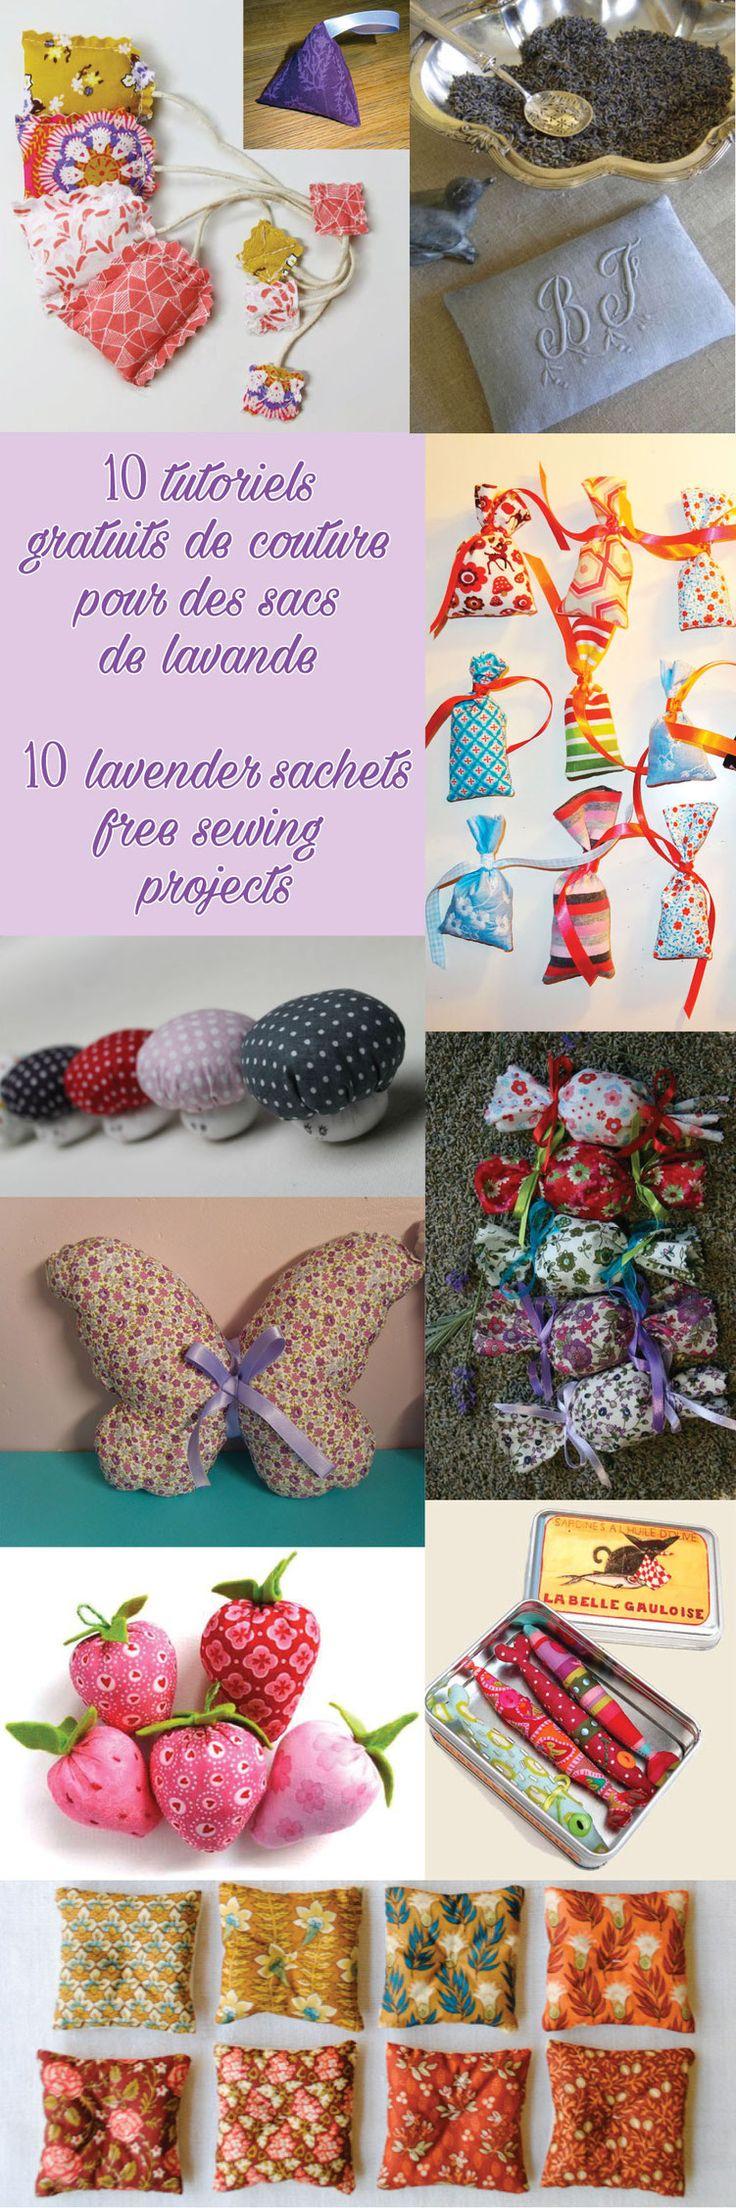 10 tutoriels gratuits de couture pour sacs de lavande - 10 lavender sachets…